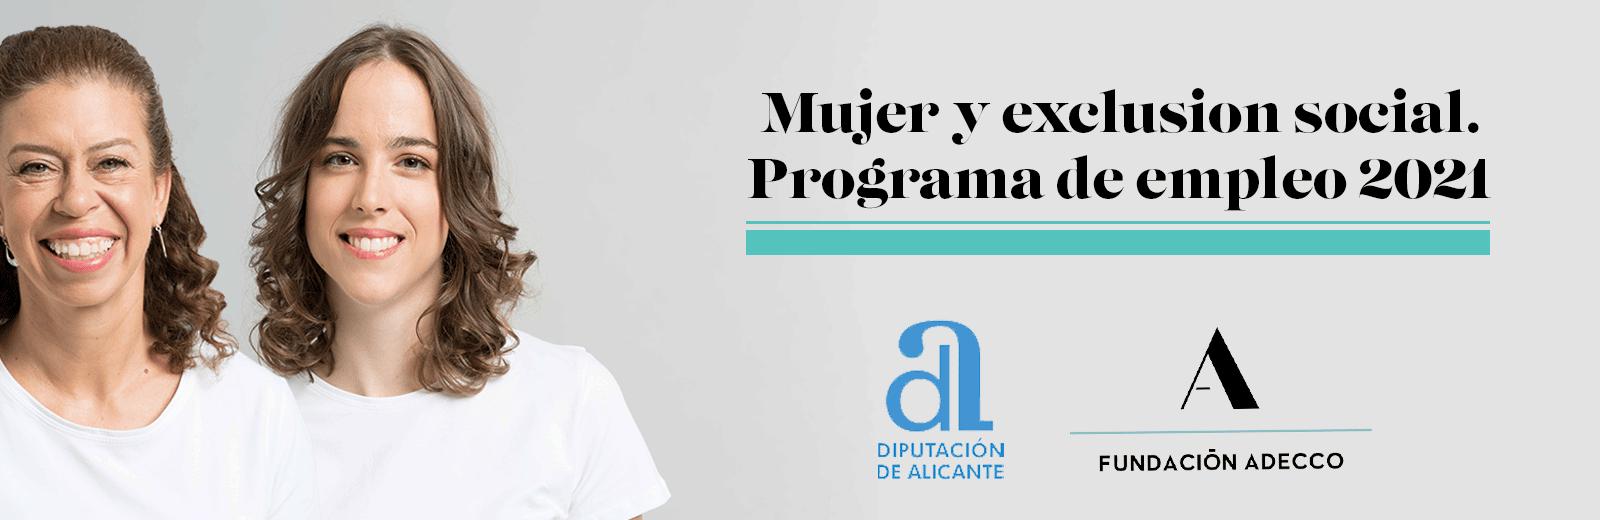 Dos mujeres de mediana edad y joven sonriendo. Programa de empleo mujer y exclusión social.